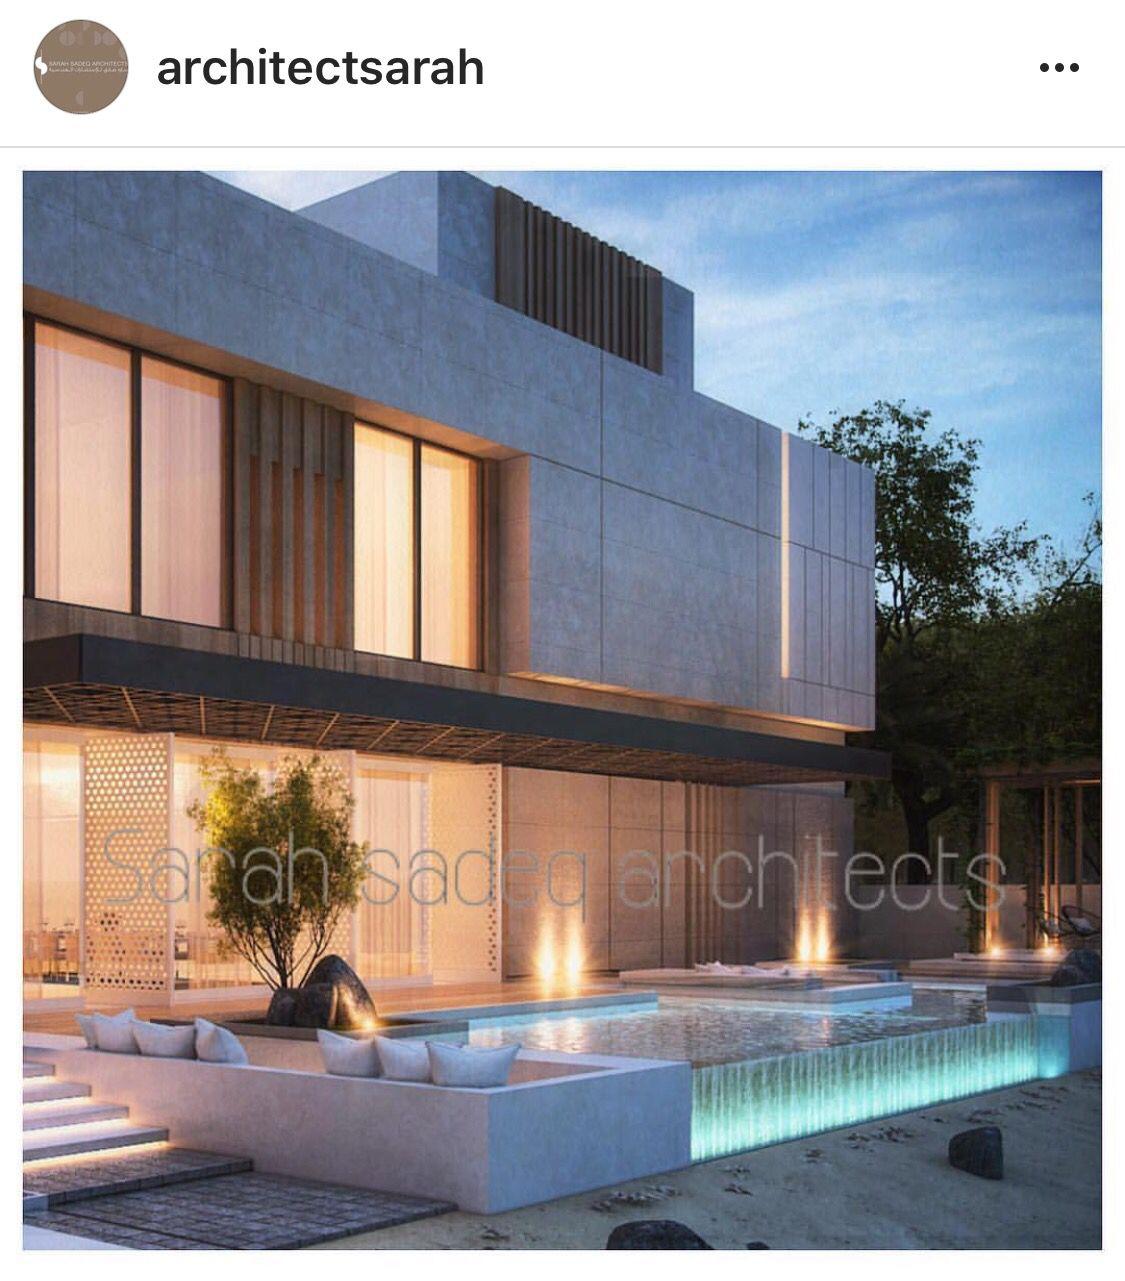 Award winning house at kk nagar chennai designed by ansari architects - Jumaira Dubai 2700 M Sarah Sadeq Architects